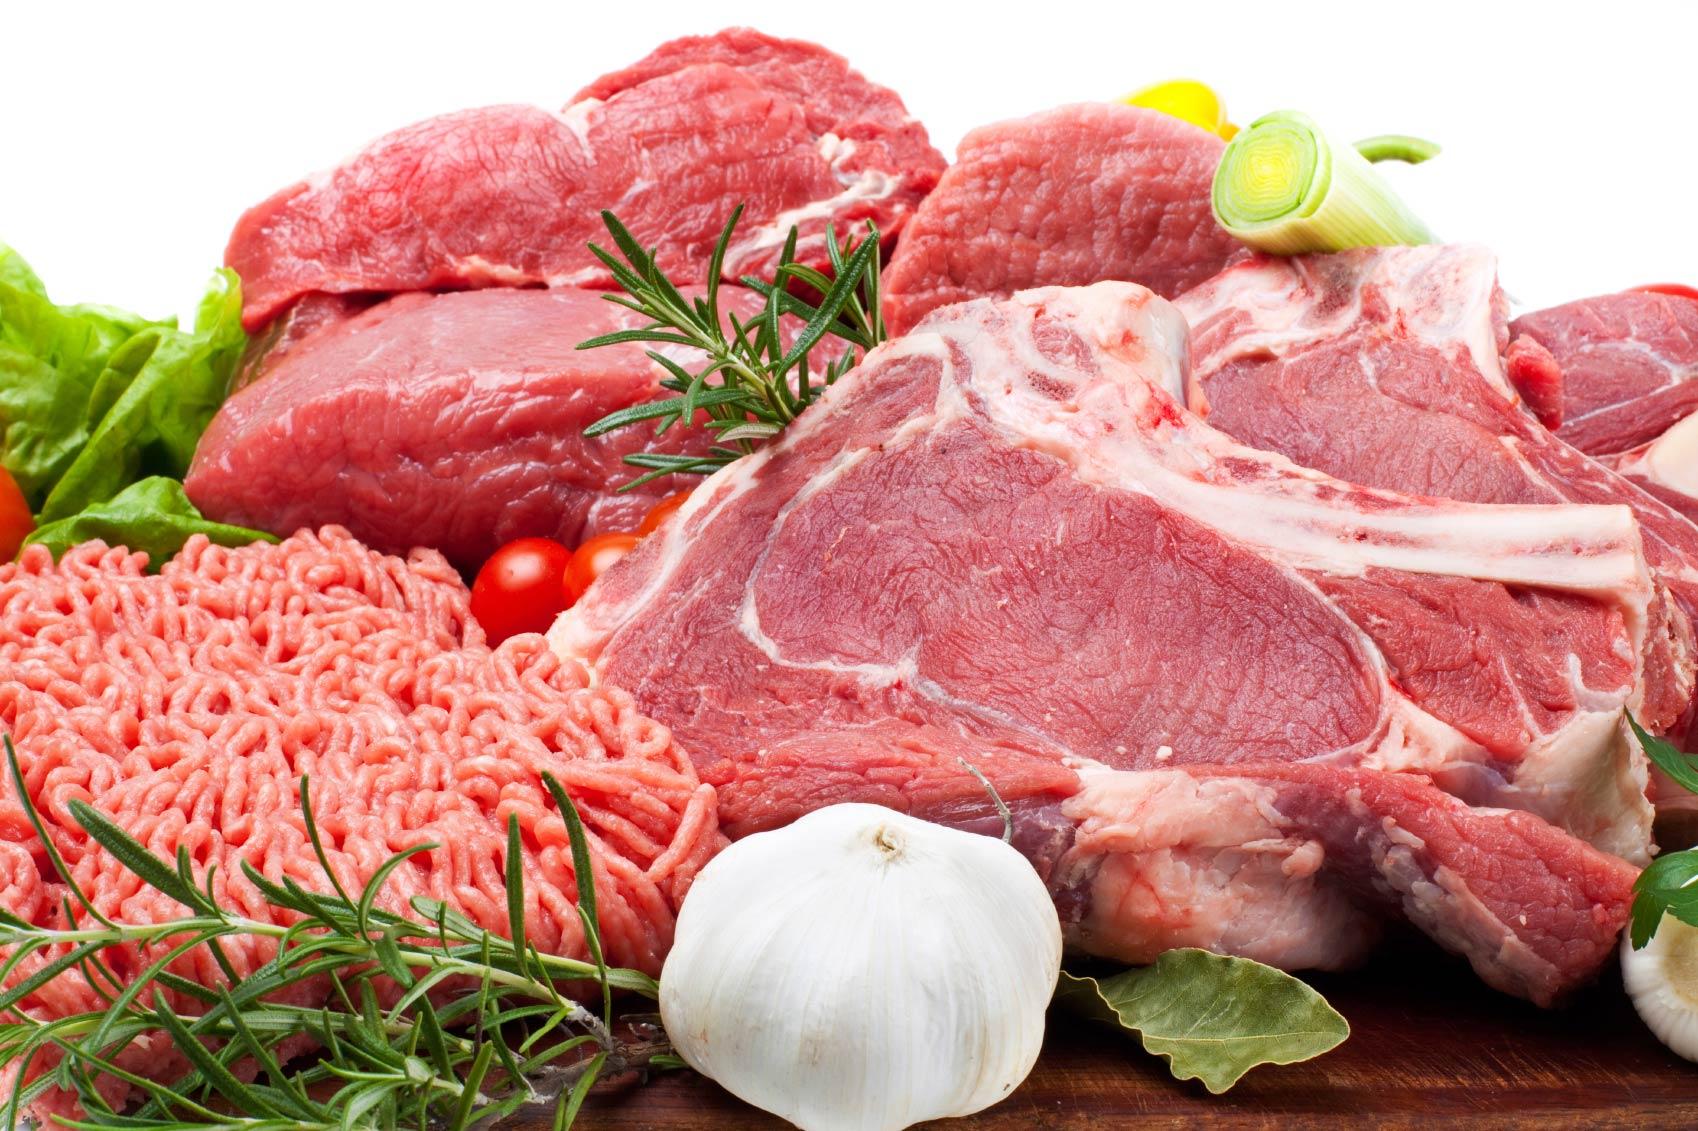 Սպառողին մոլորեցնելու հայտնի ու անհայտ միջոցներ.Ինչպես խուսափել փչացած, նեխած միս գնելուց